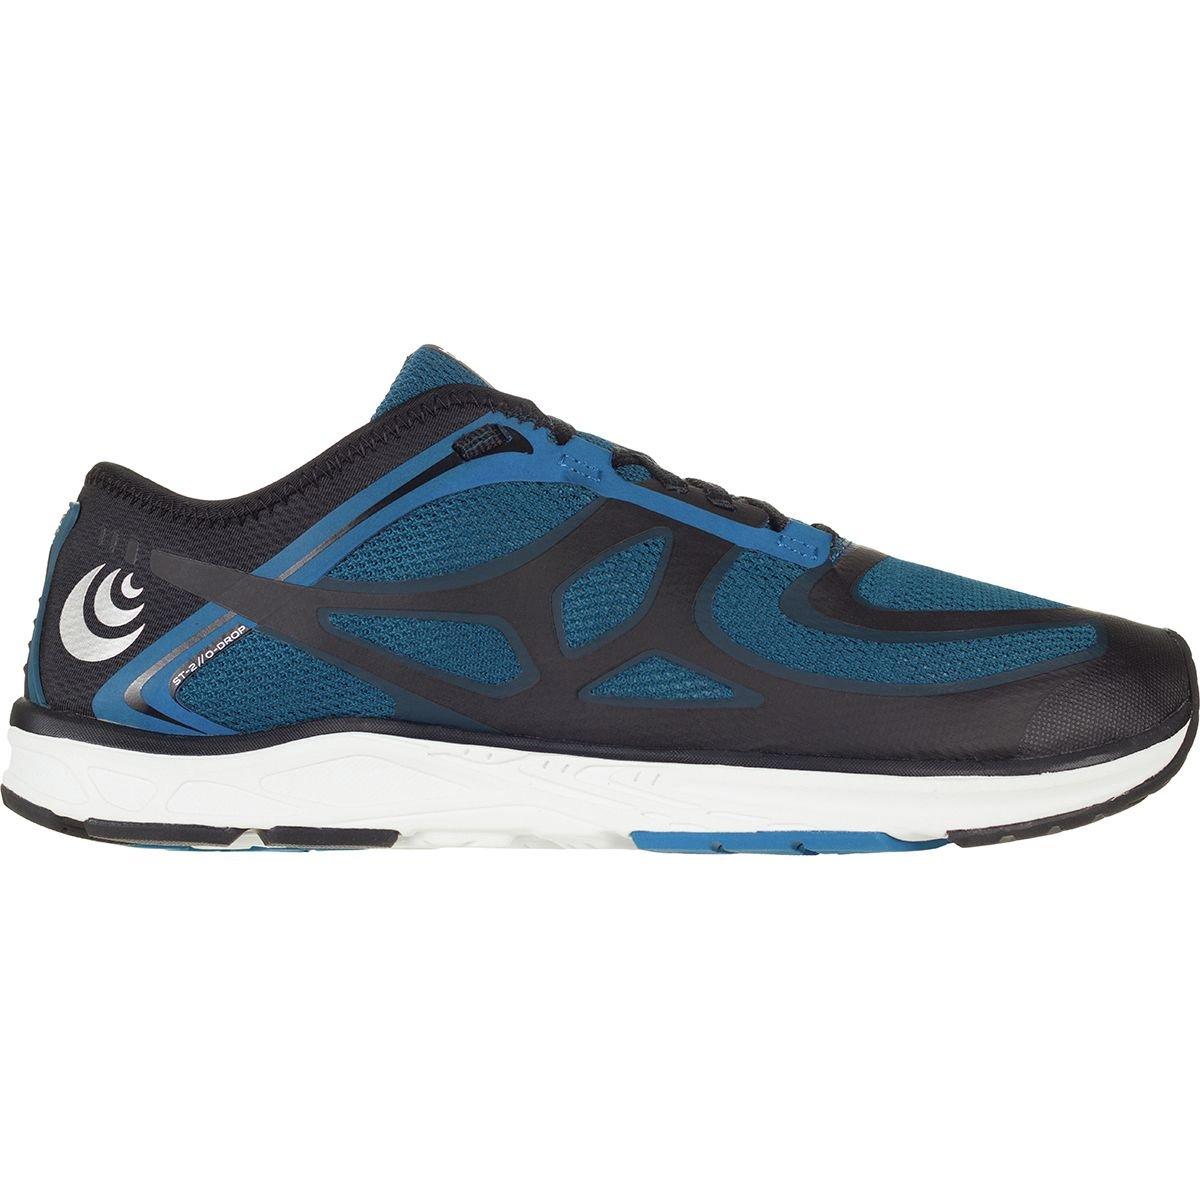 経典 [トポアスレチック] ST-2 メンズ ランニング ST-2 Running Running ランニング Shoe [並行輸入品] B07K1D2SSK 12, 一ノ宮町:9722f677 --- riyazinterior.in